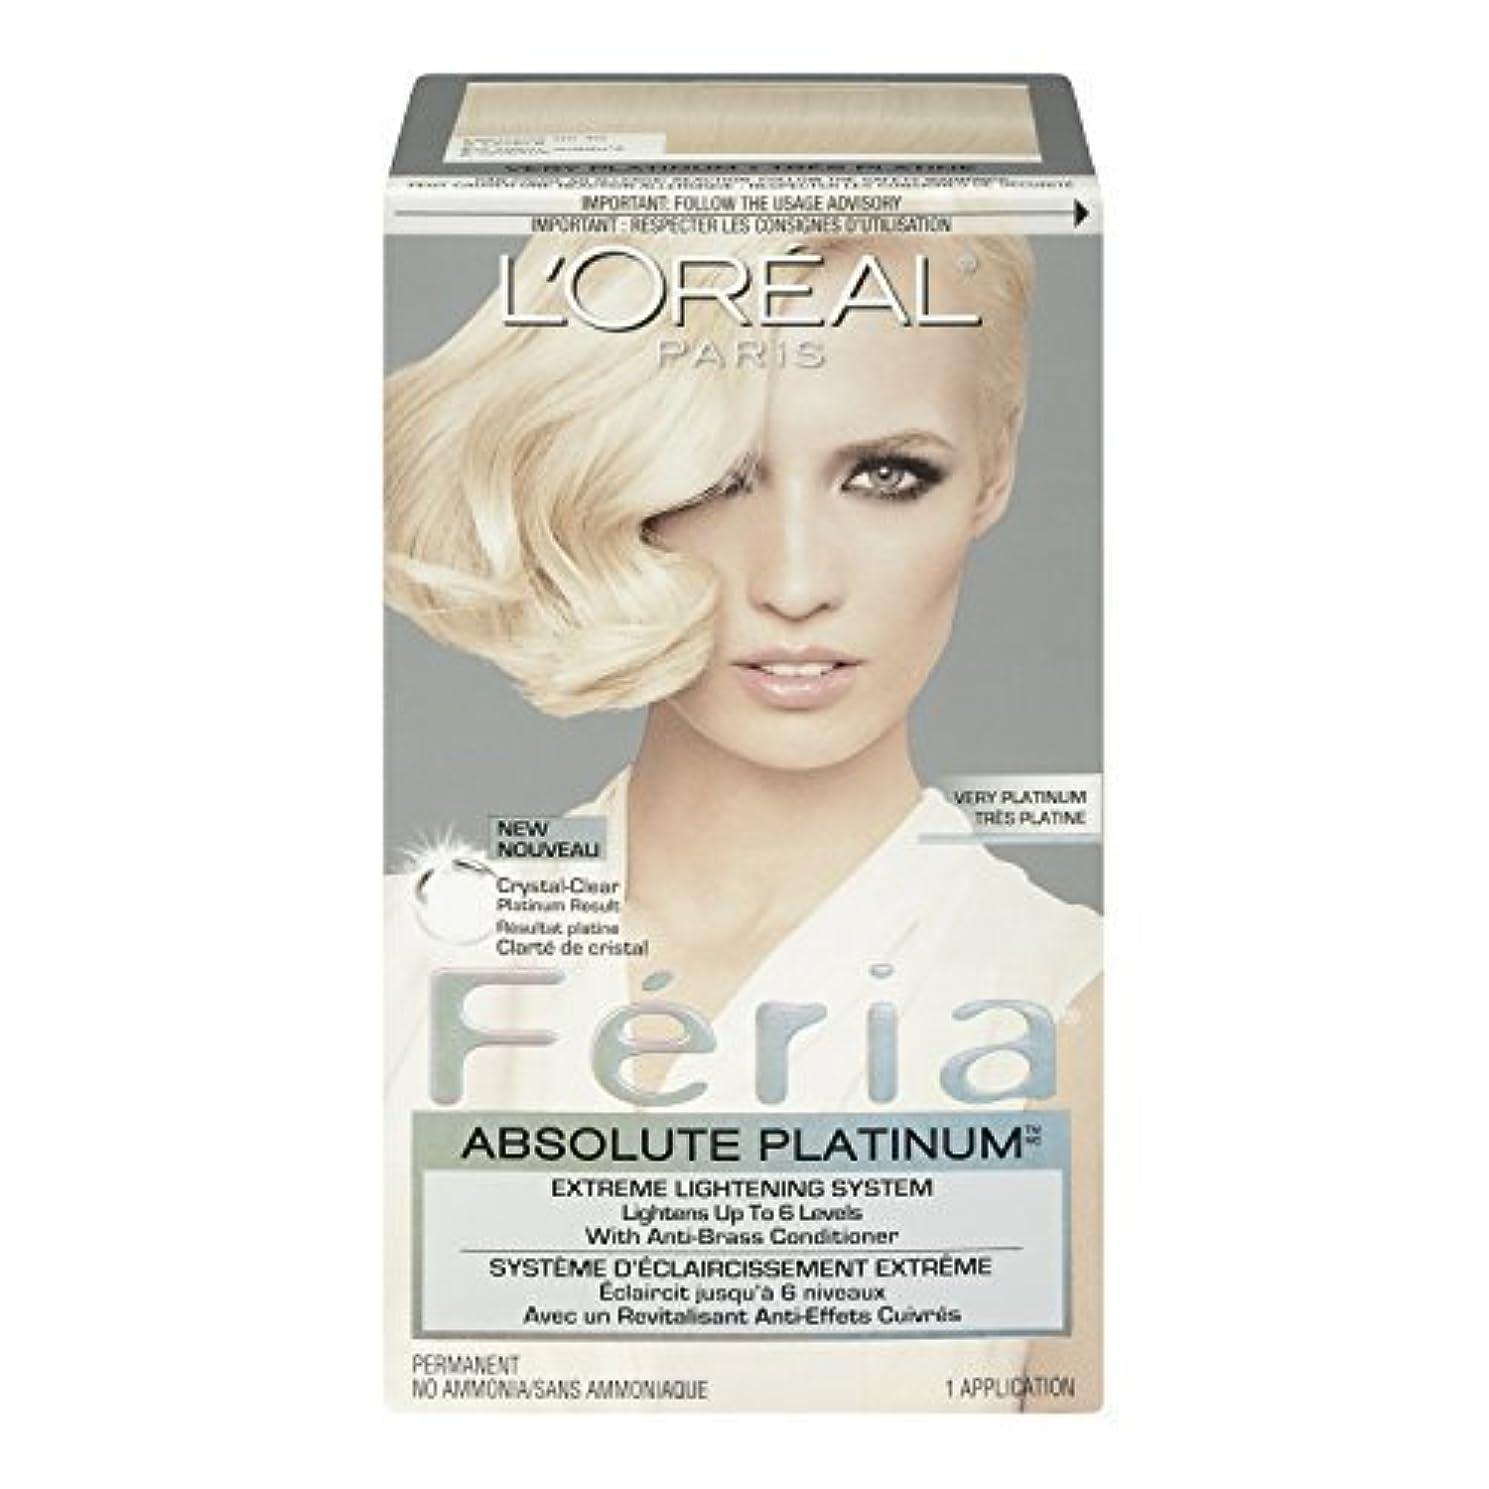 ブラジャー窓圧倒するL'Oreal Feria Absolute Platinums Hair Color, Very Platinum by L'Oreal Paris Hair Color [並行輸入品]